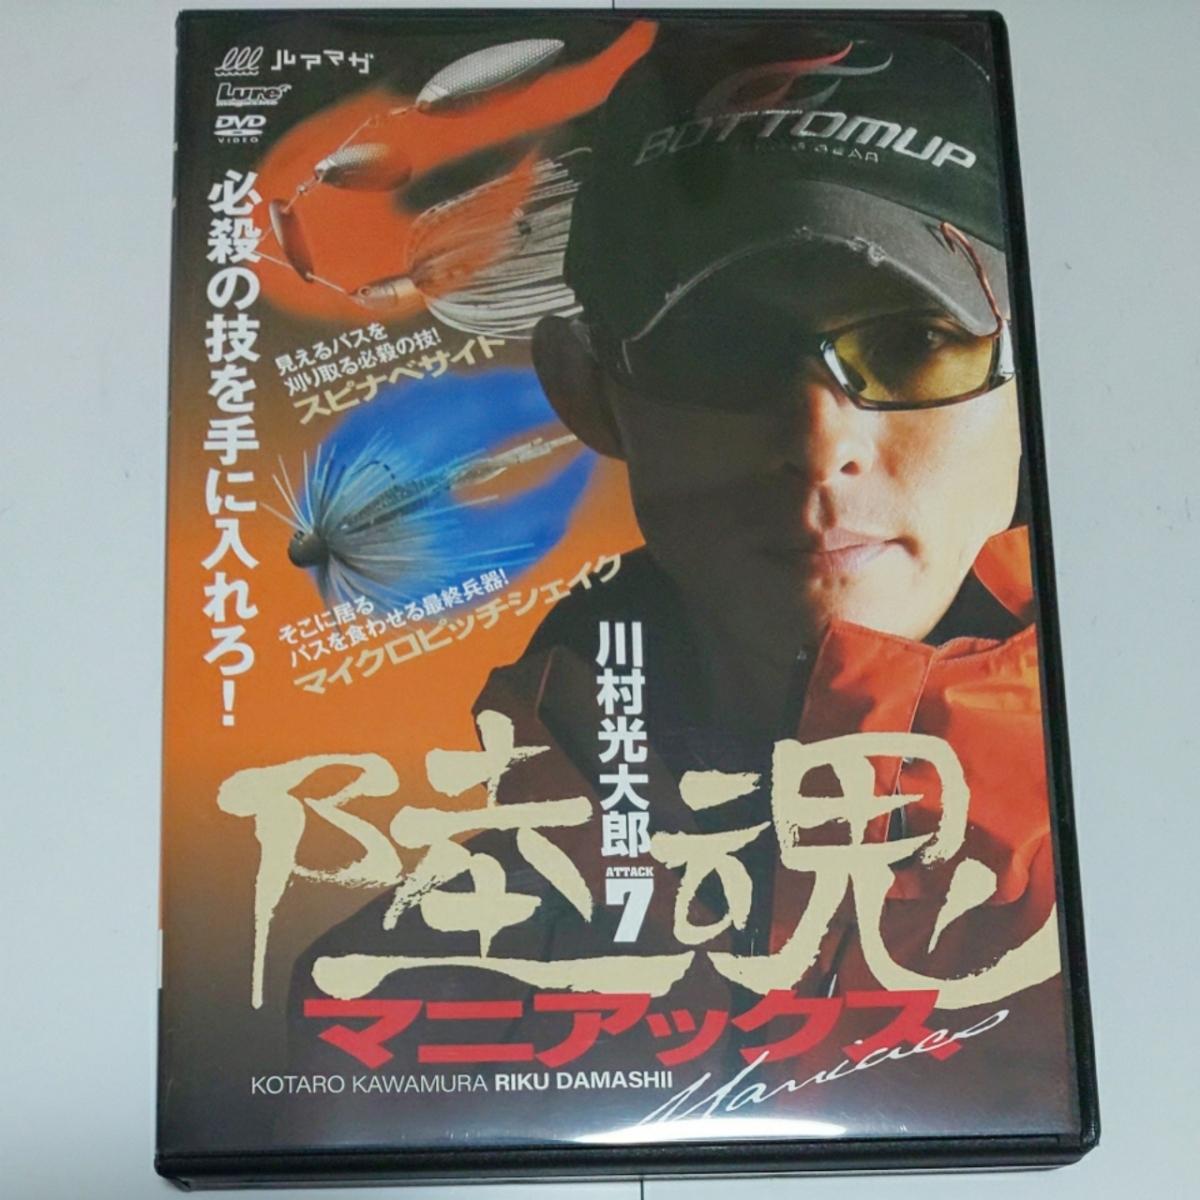 川村光大郎 ★ 陸魂 7 マニアックス バス釣り DVD ルアマガ ボトムアップ